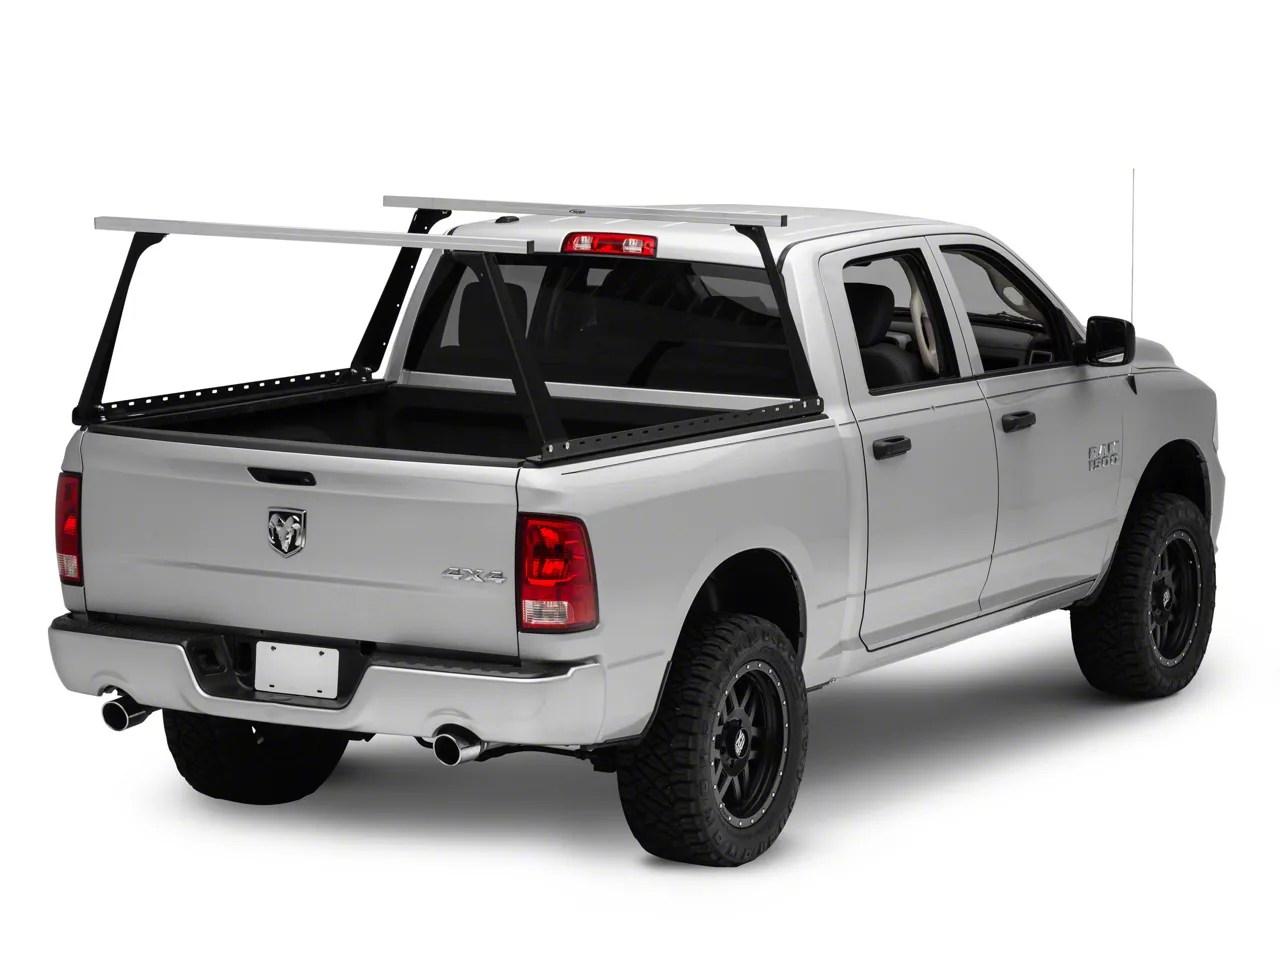 access adarac bed rack 09 18 ram 1500 w 5 7 foot box w o ram box